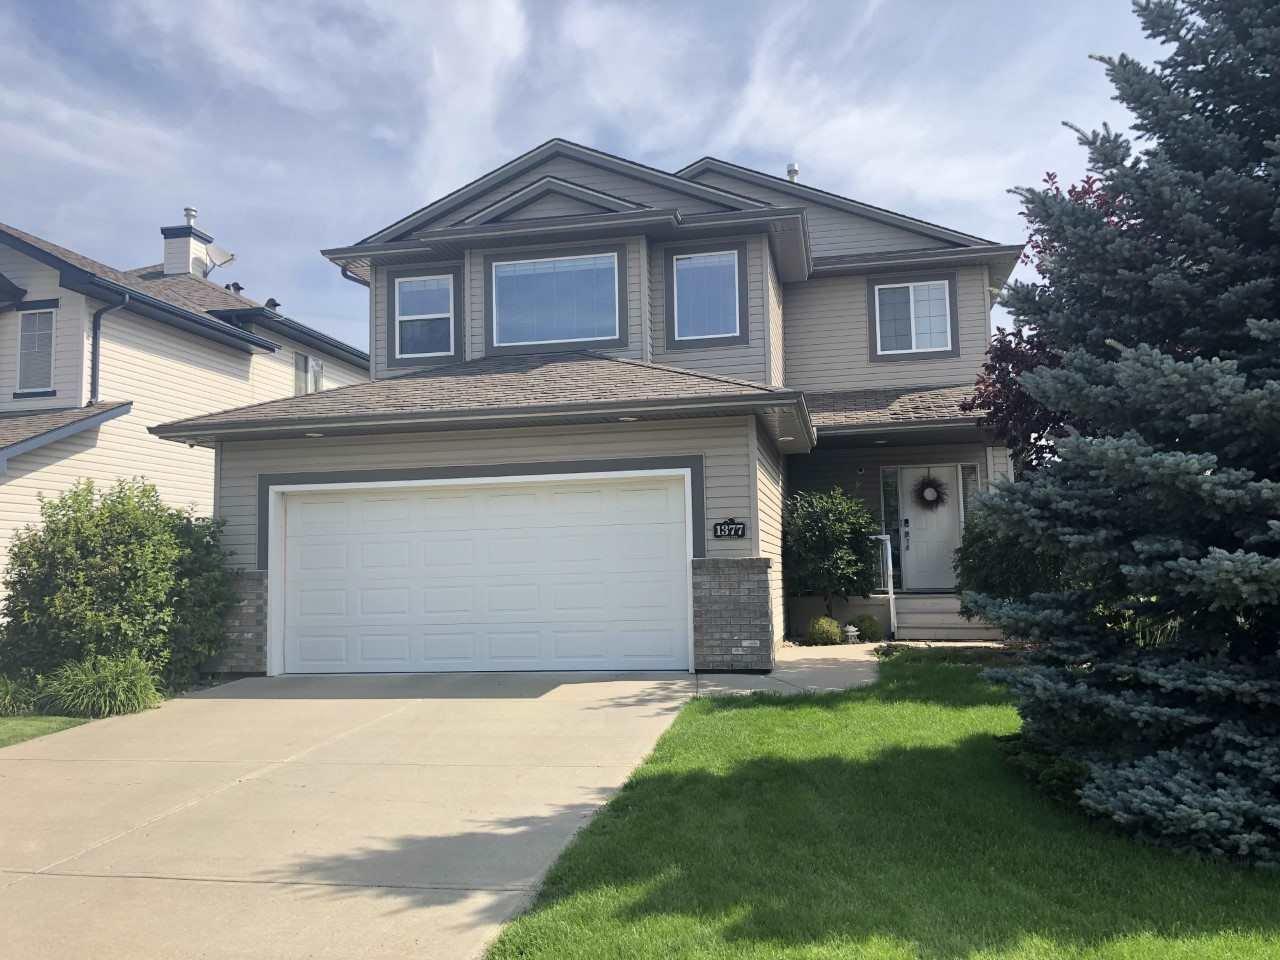 Main Photo: 1377 Breckenridge Drive in Edmonton: Zone 58 House for sale : MLS®# E4170182